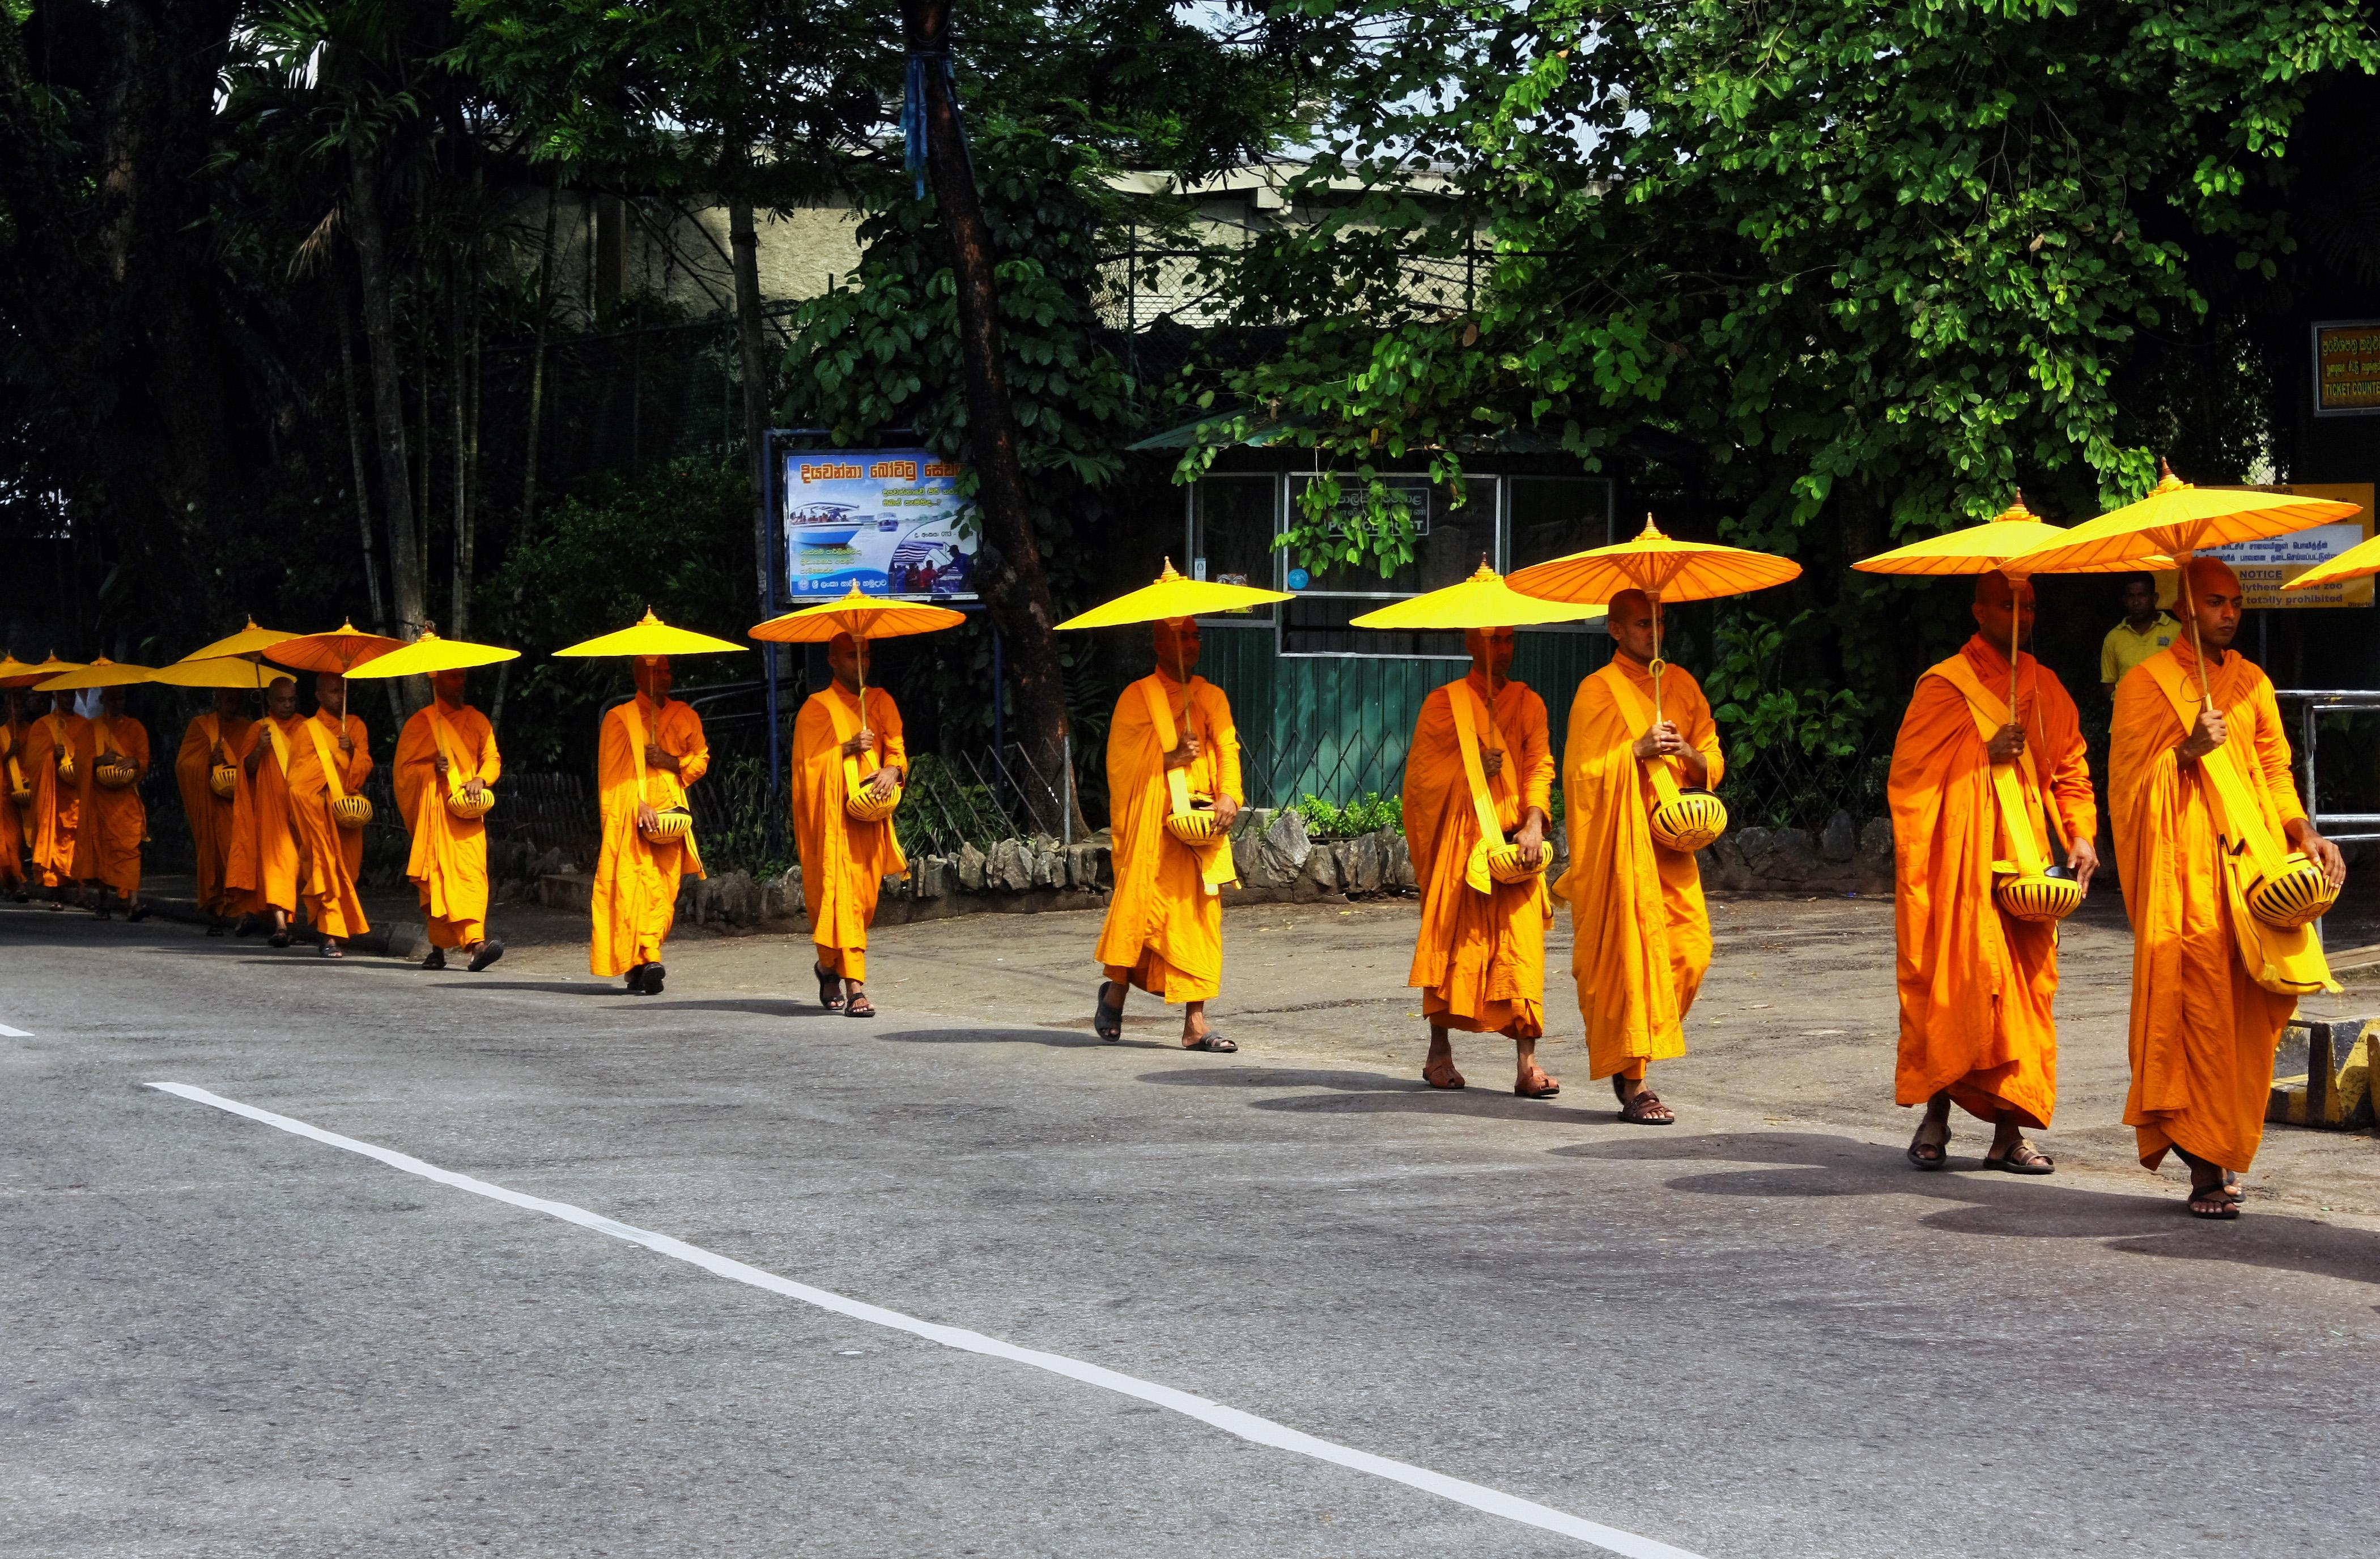 تاريخ البوذيين الدماء! دينهم سلام buddhist_monks_in_sri_lanka-1.jpg